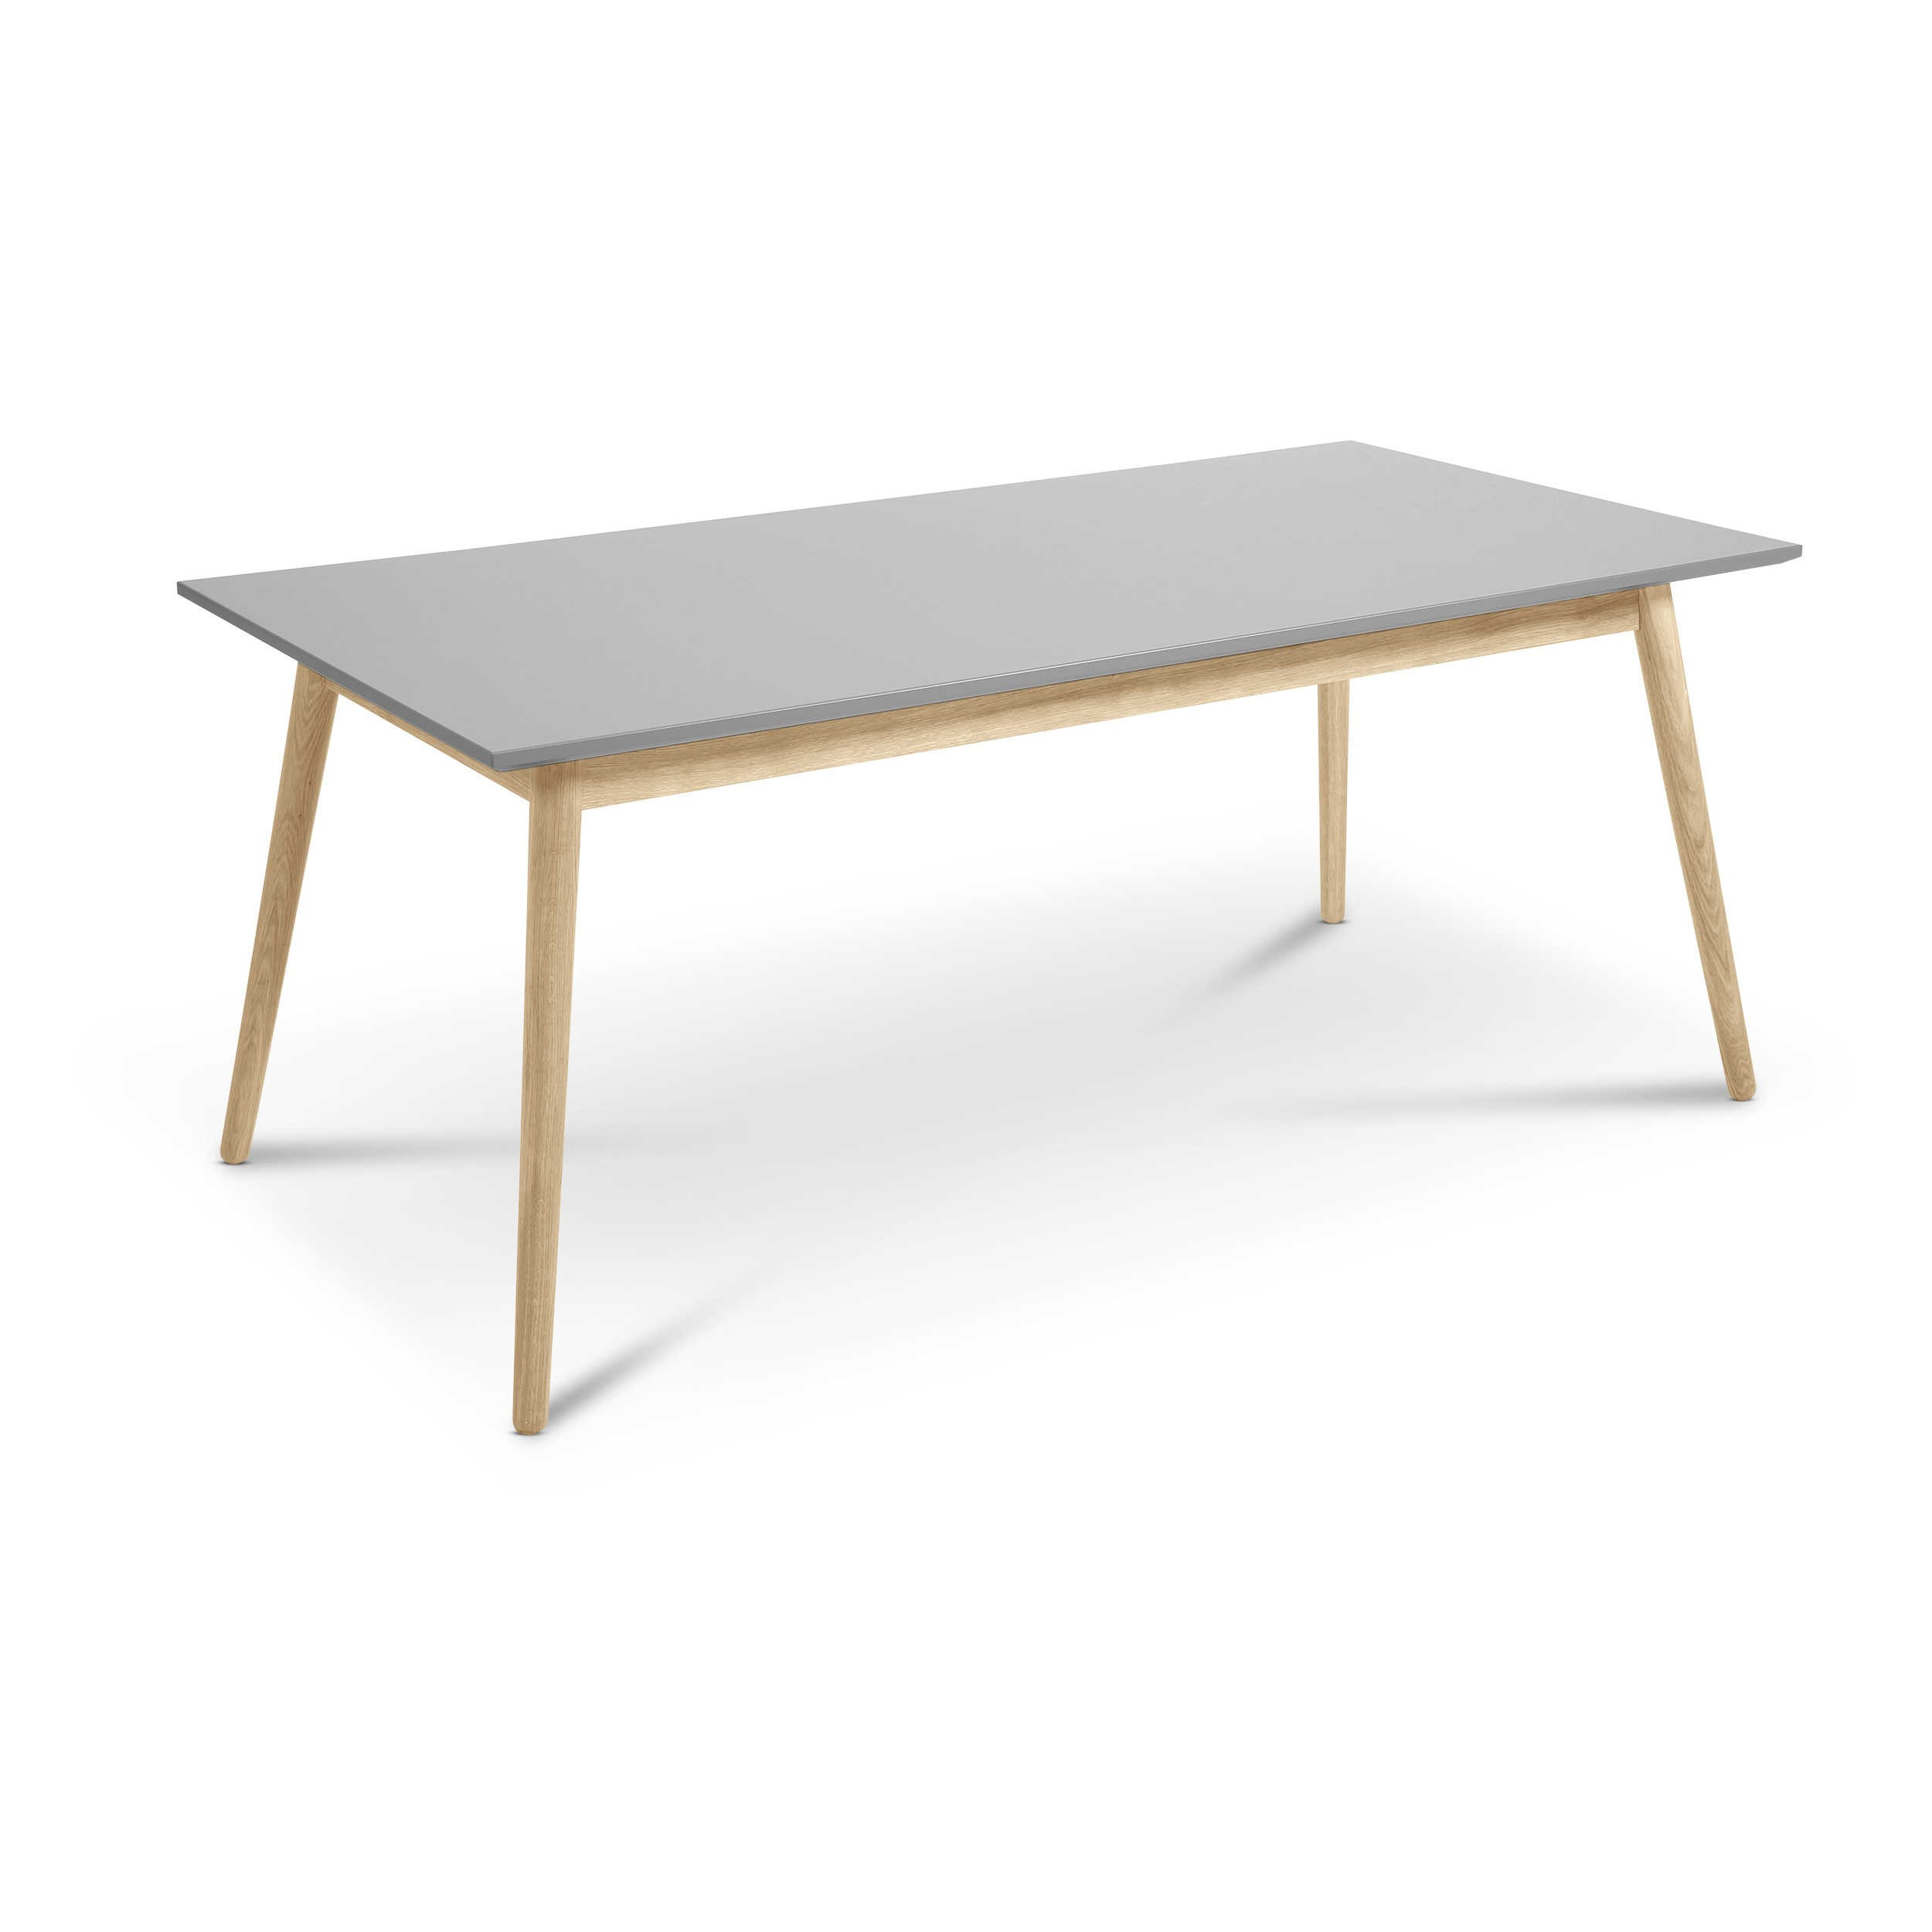 tenzo esstisch dot 180 x 90 cm grau lack hochglanz online kaufen bei woonio. Black Bedroom Furniture Sets. Home Design Ideas